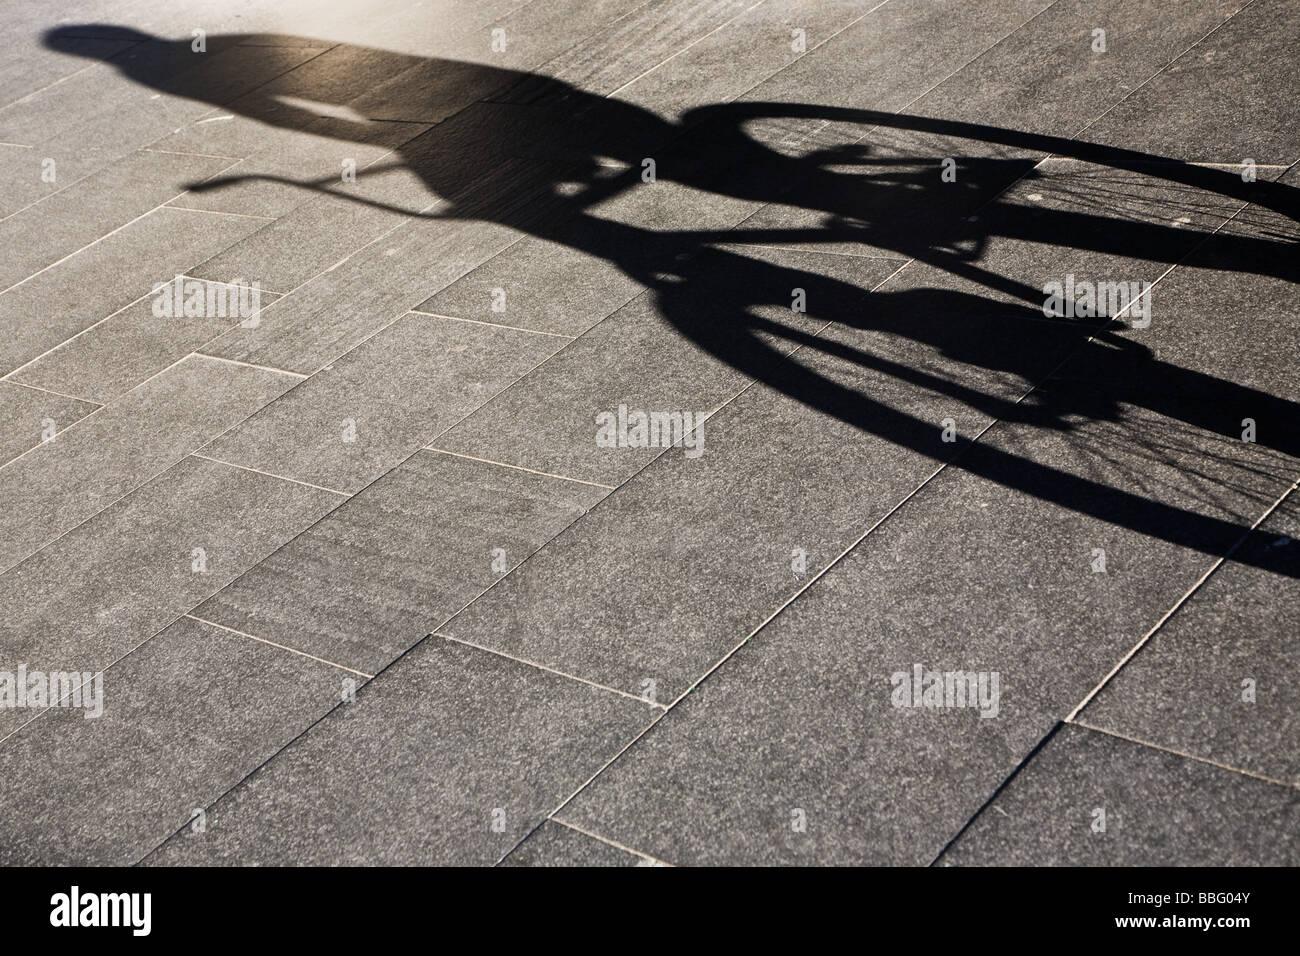 Schatten einer Person mit dem Fahrrad Stockbild